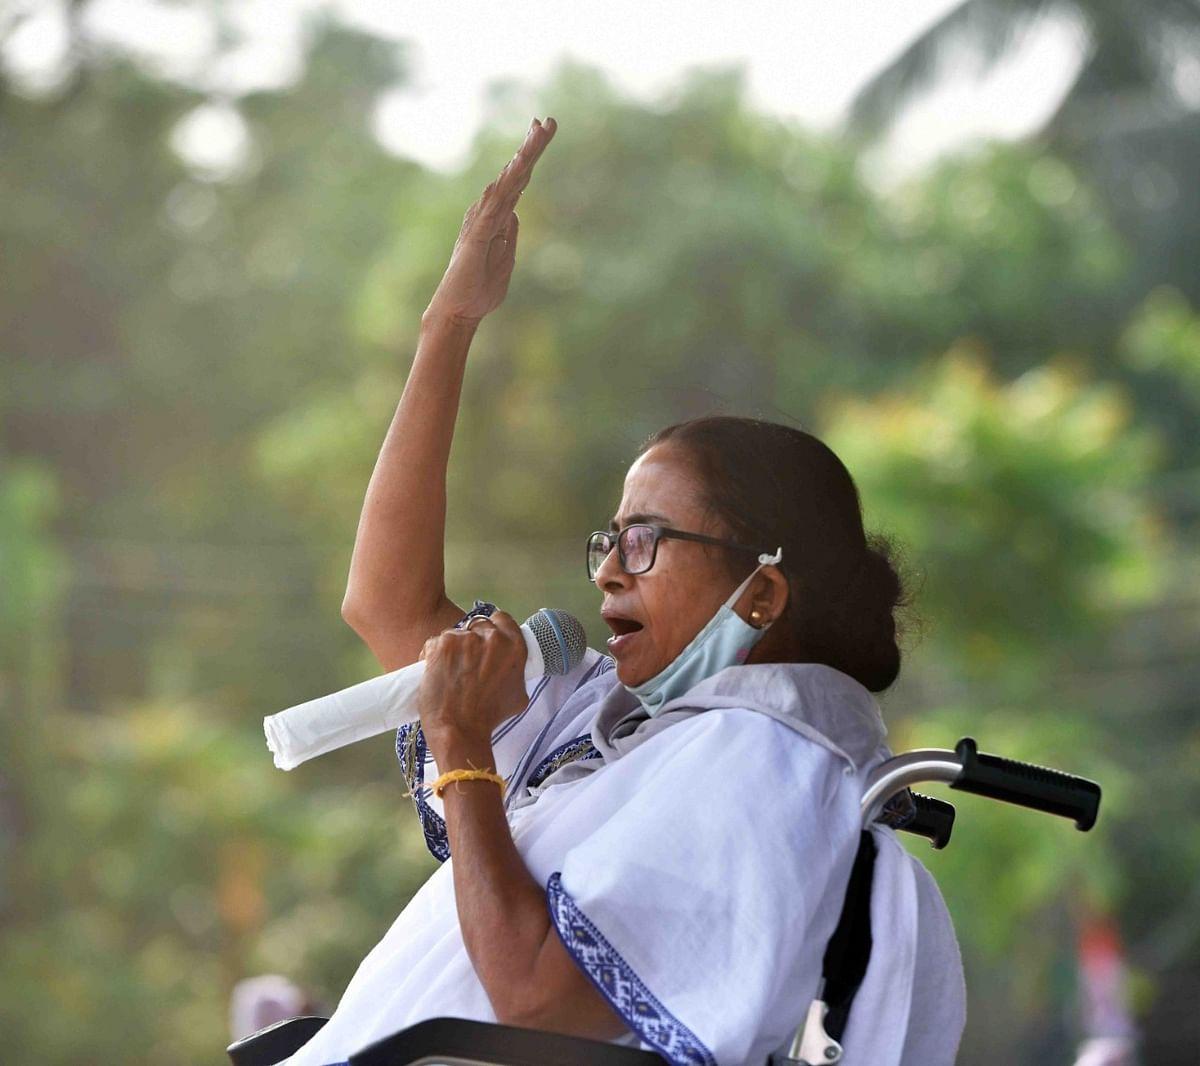 Bengal Election 2021: तीसरे चरण की वोटिंग के बाद ममता बनर्जी ने किया जीत का दावा, कहा- BJP स्टेडियम से बाहर